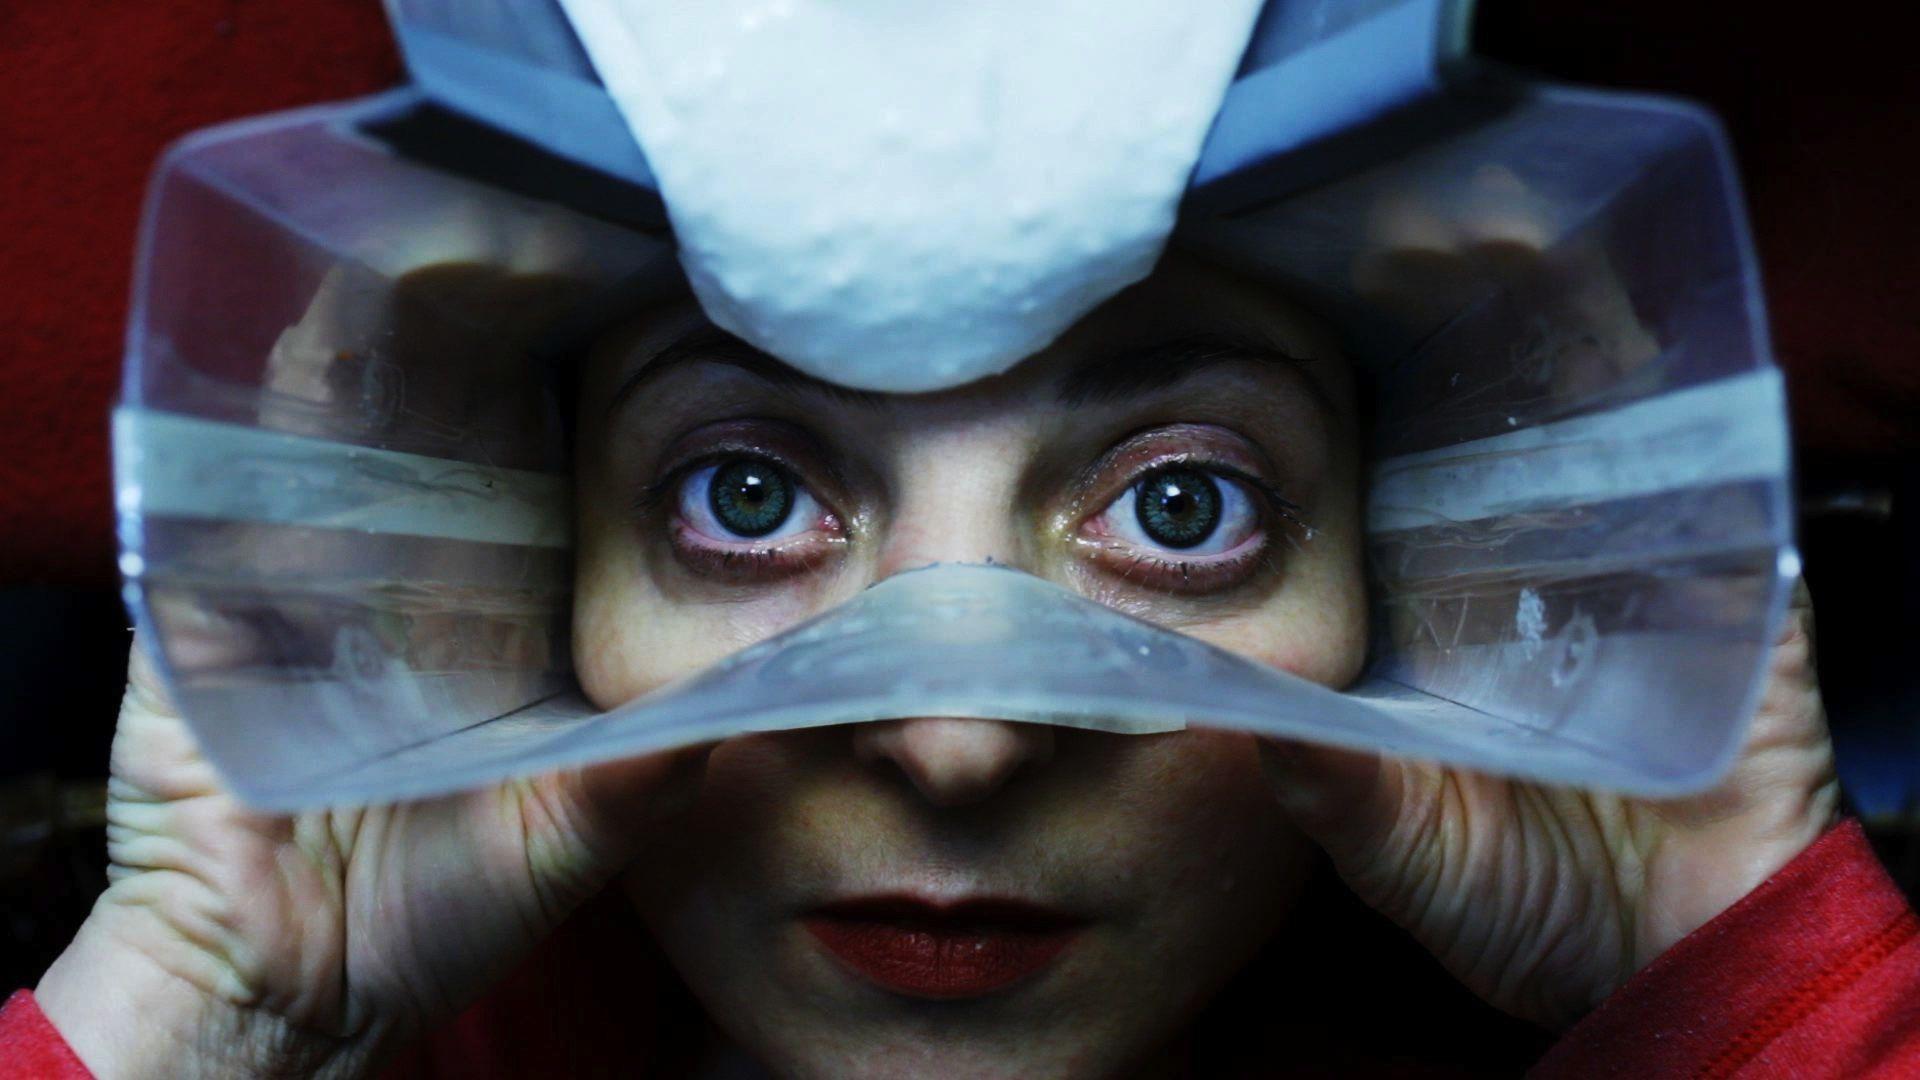 Un documental sobre Nicola Costantino se proyectará en la función de apetura del festival.